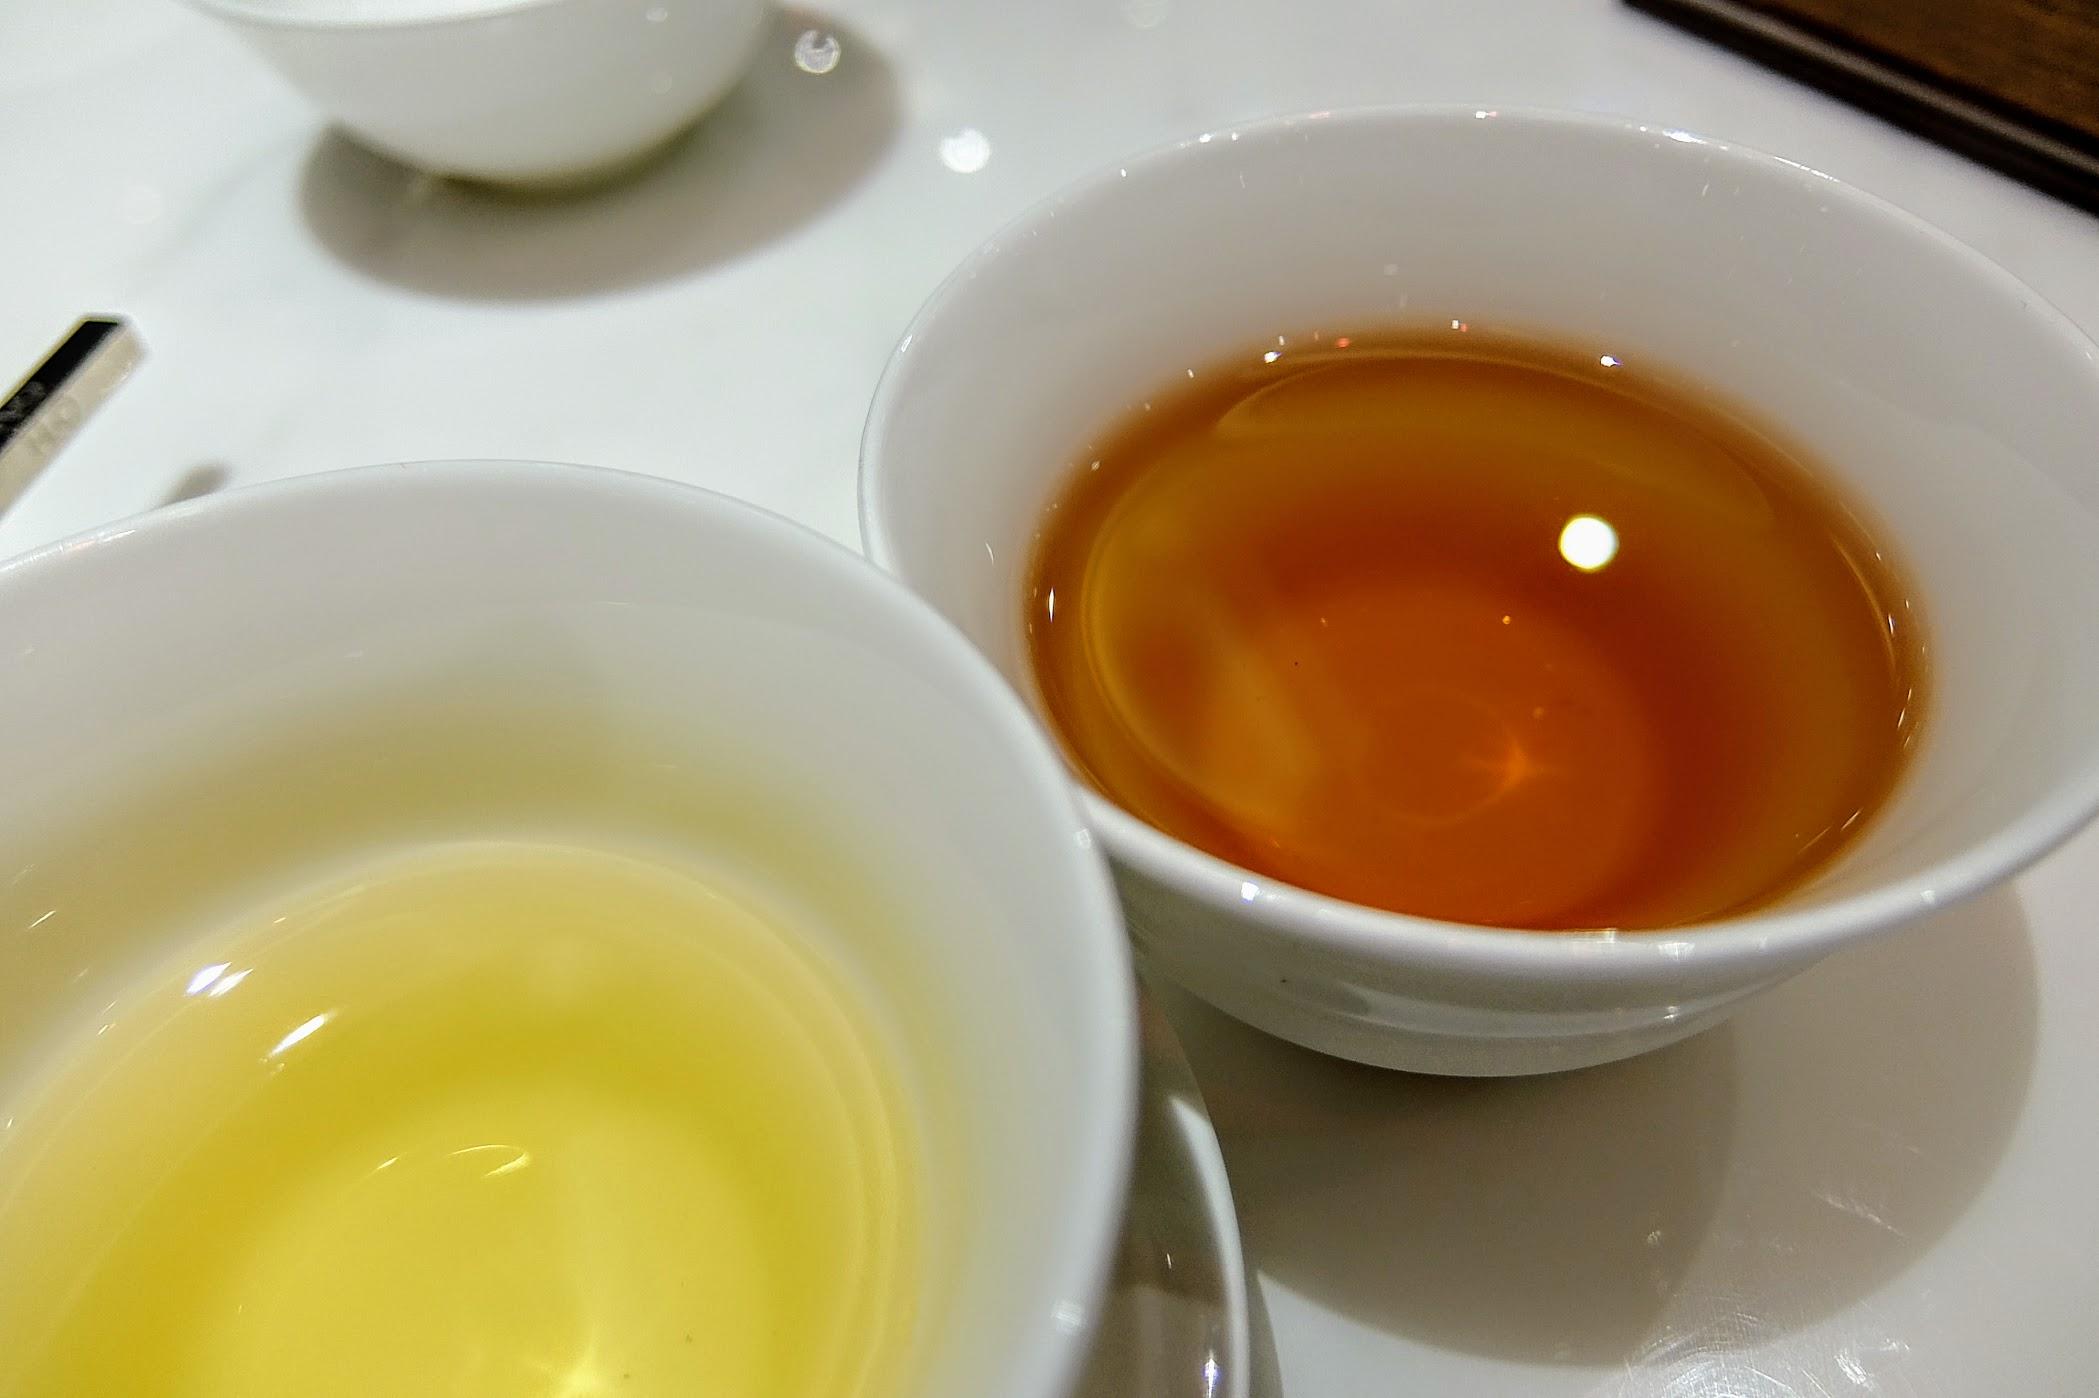 我們這次選擇紅茶和香片的樣子...紅茶還不錯喝呢